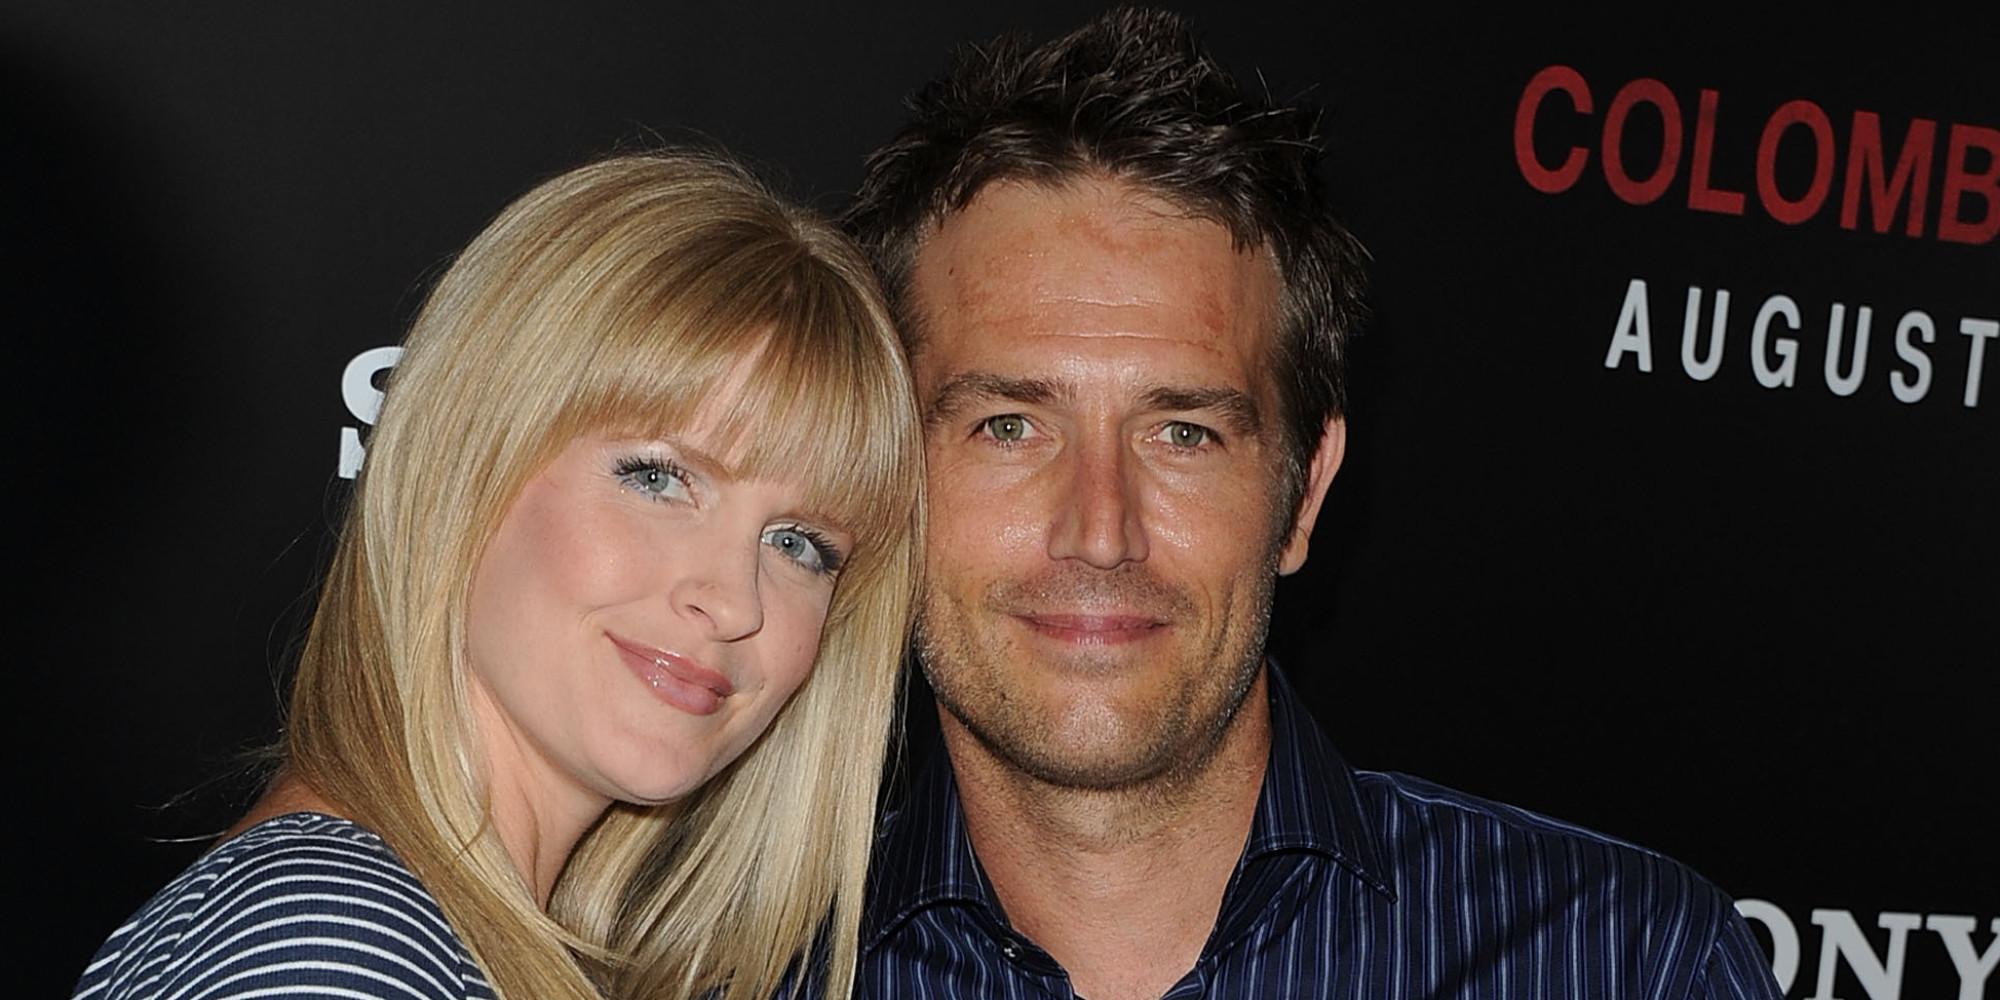 Michael Vartan And Wife Lauren Skaar Are Divorcing